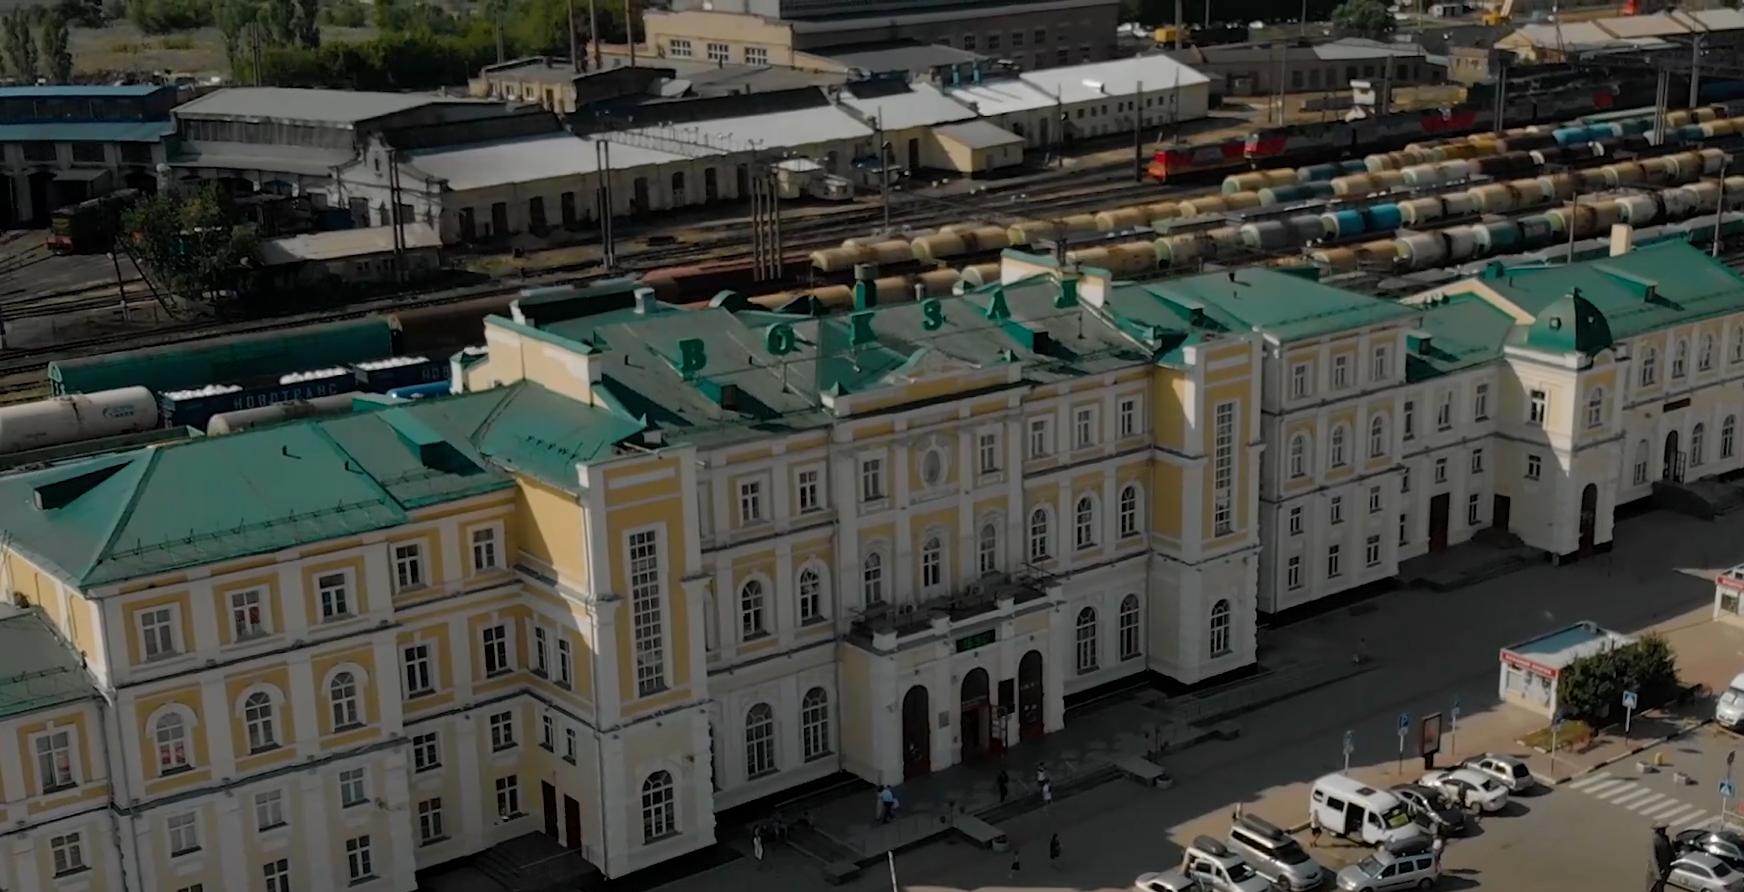 Там, где поезда. Оренбургский железнодорожный вокзал на видео Валентина Купинова